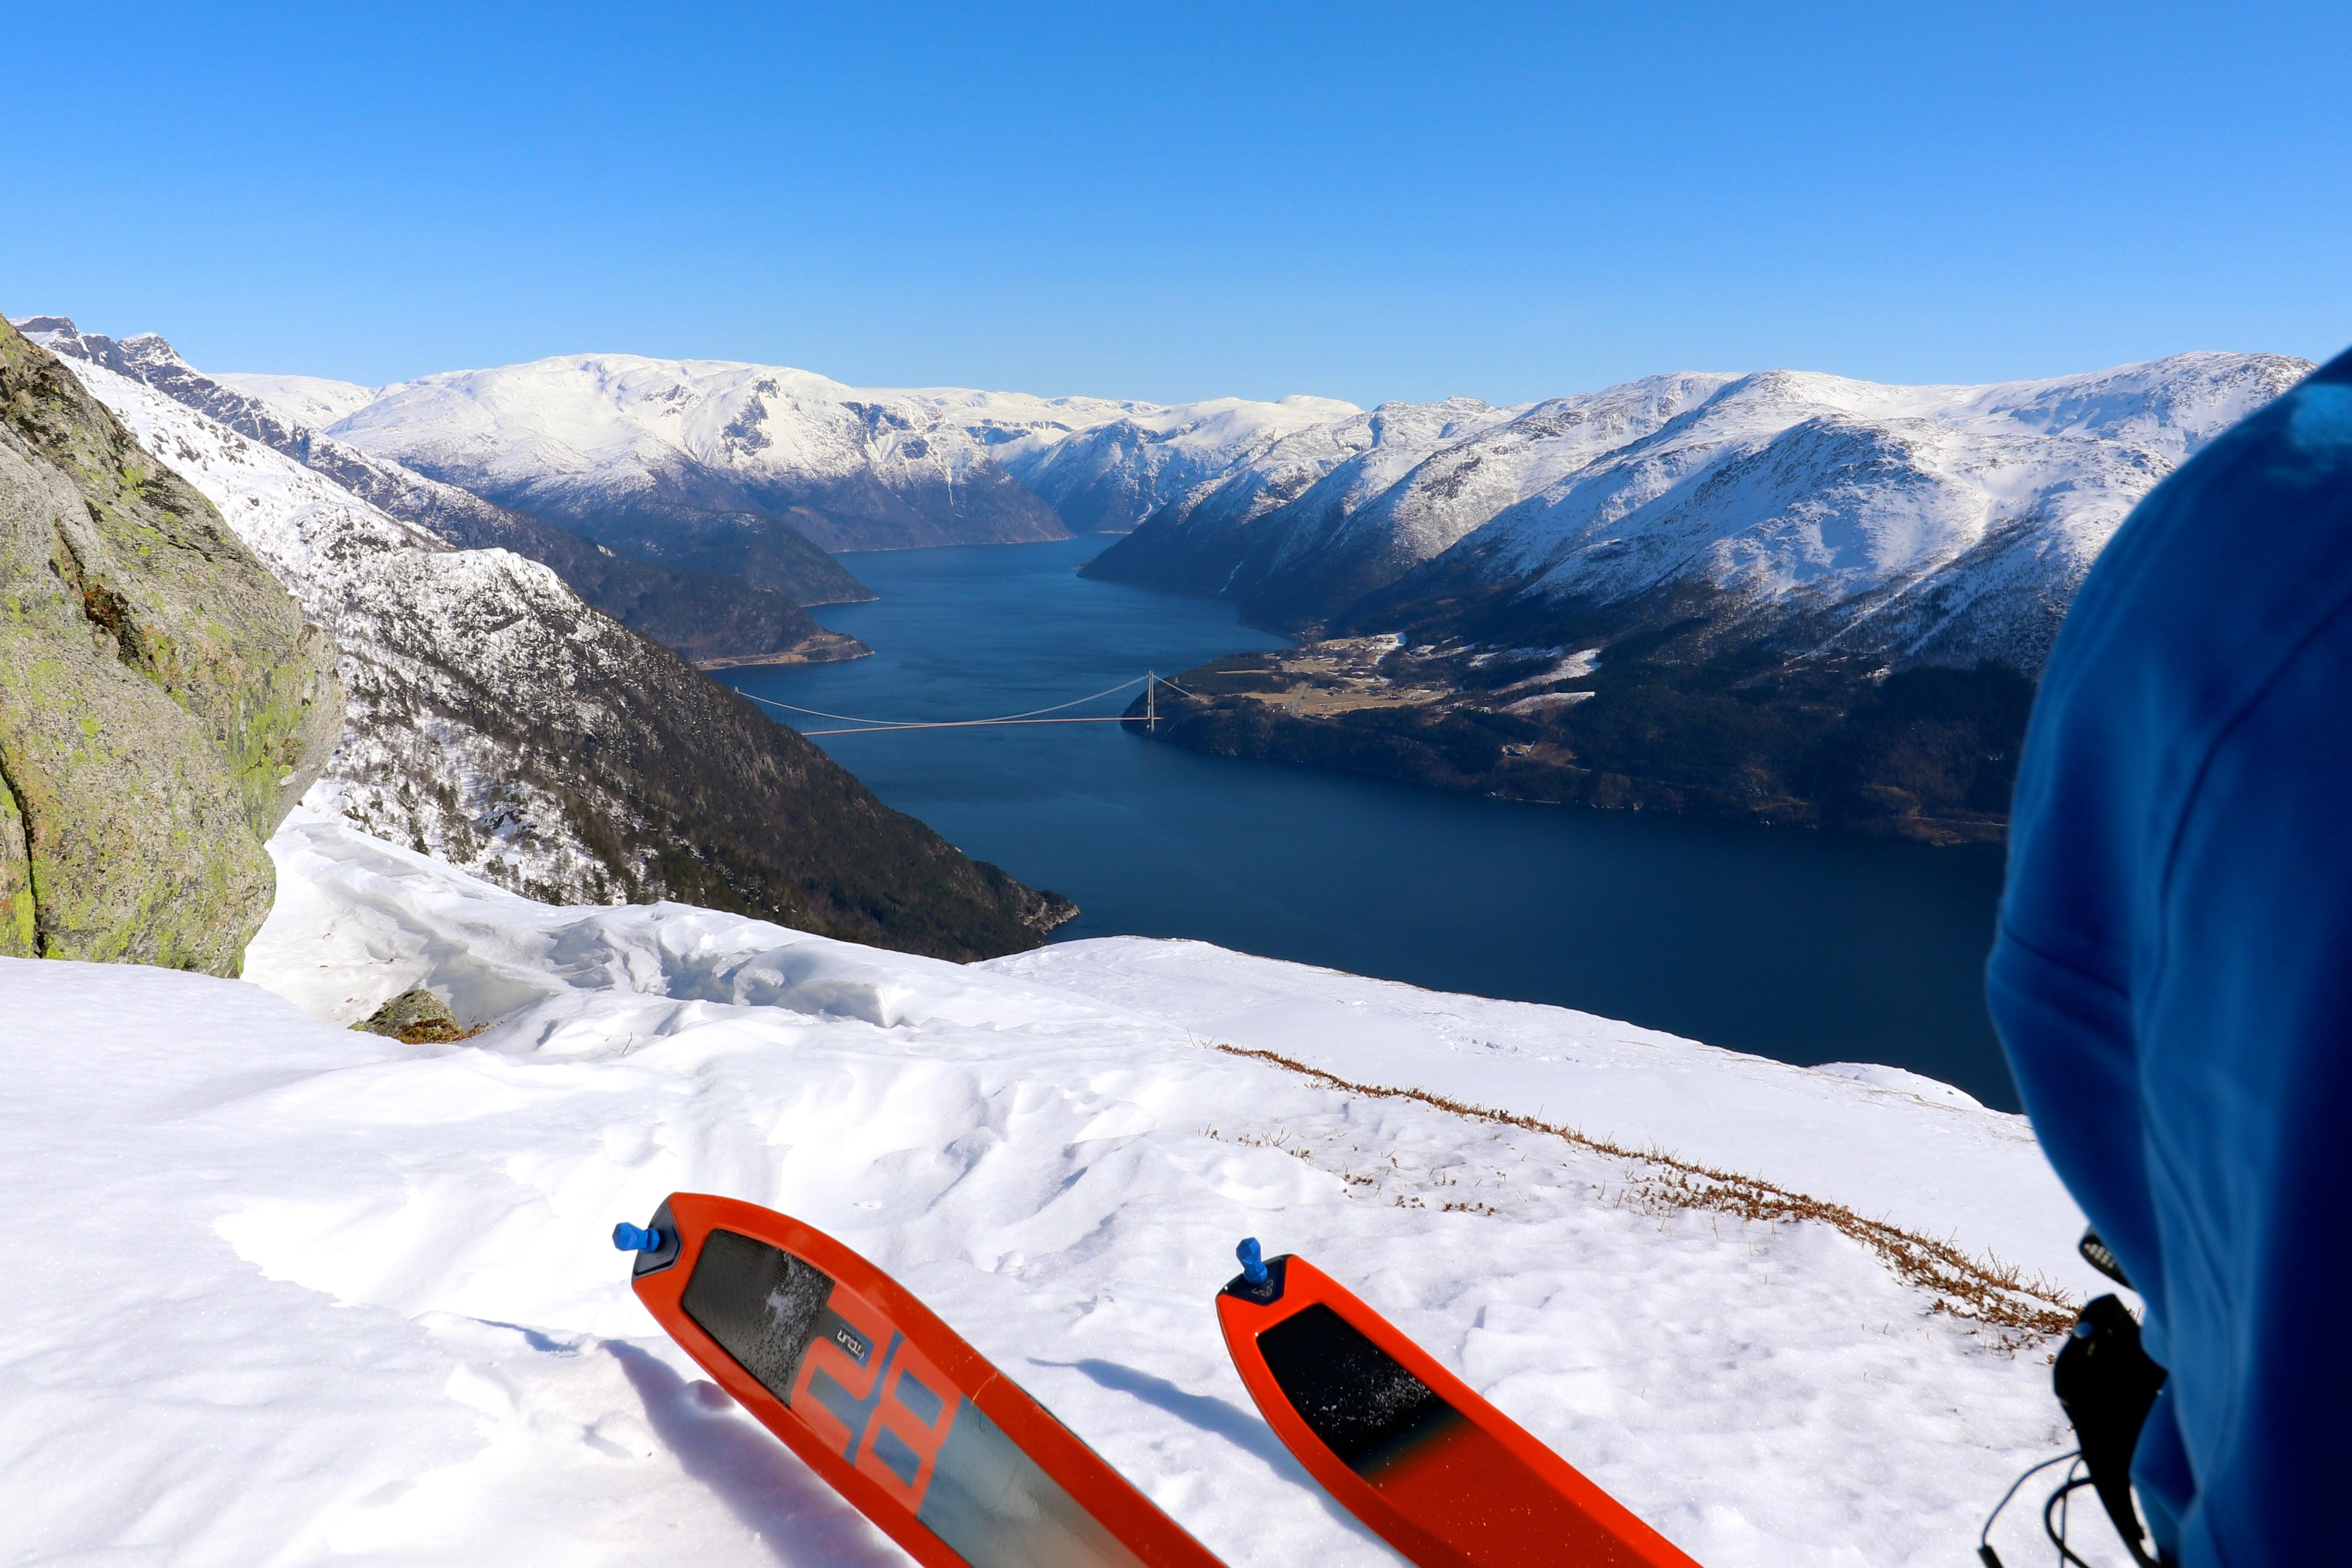 Nyter utsikten inn i Eidfjord mellom Ingebjørgfjellet og Oksen.